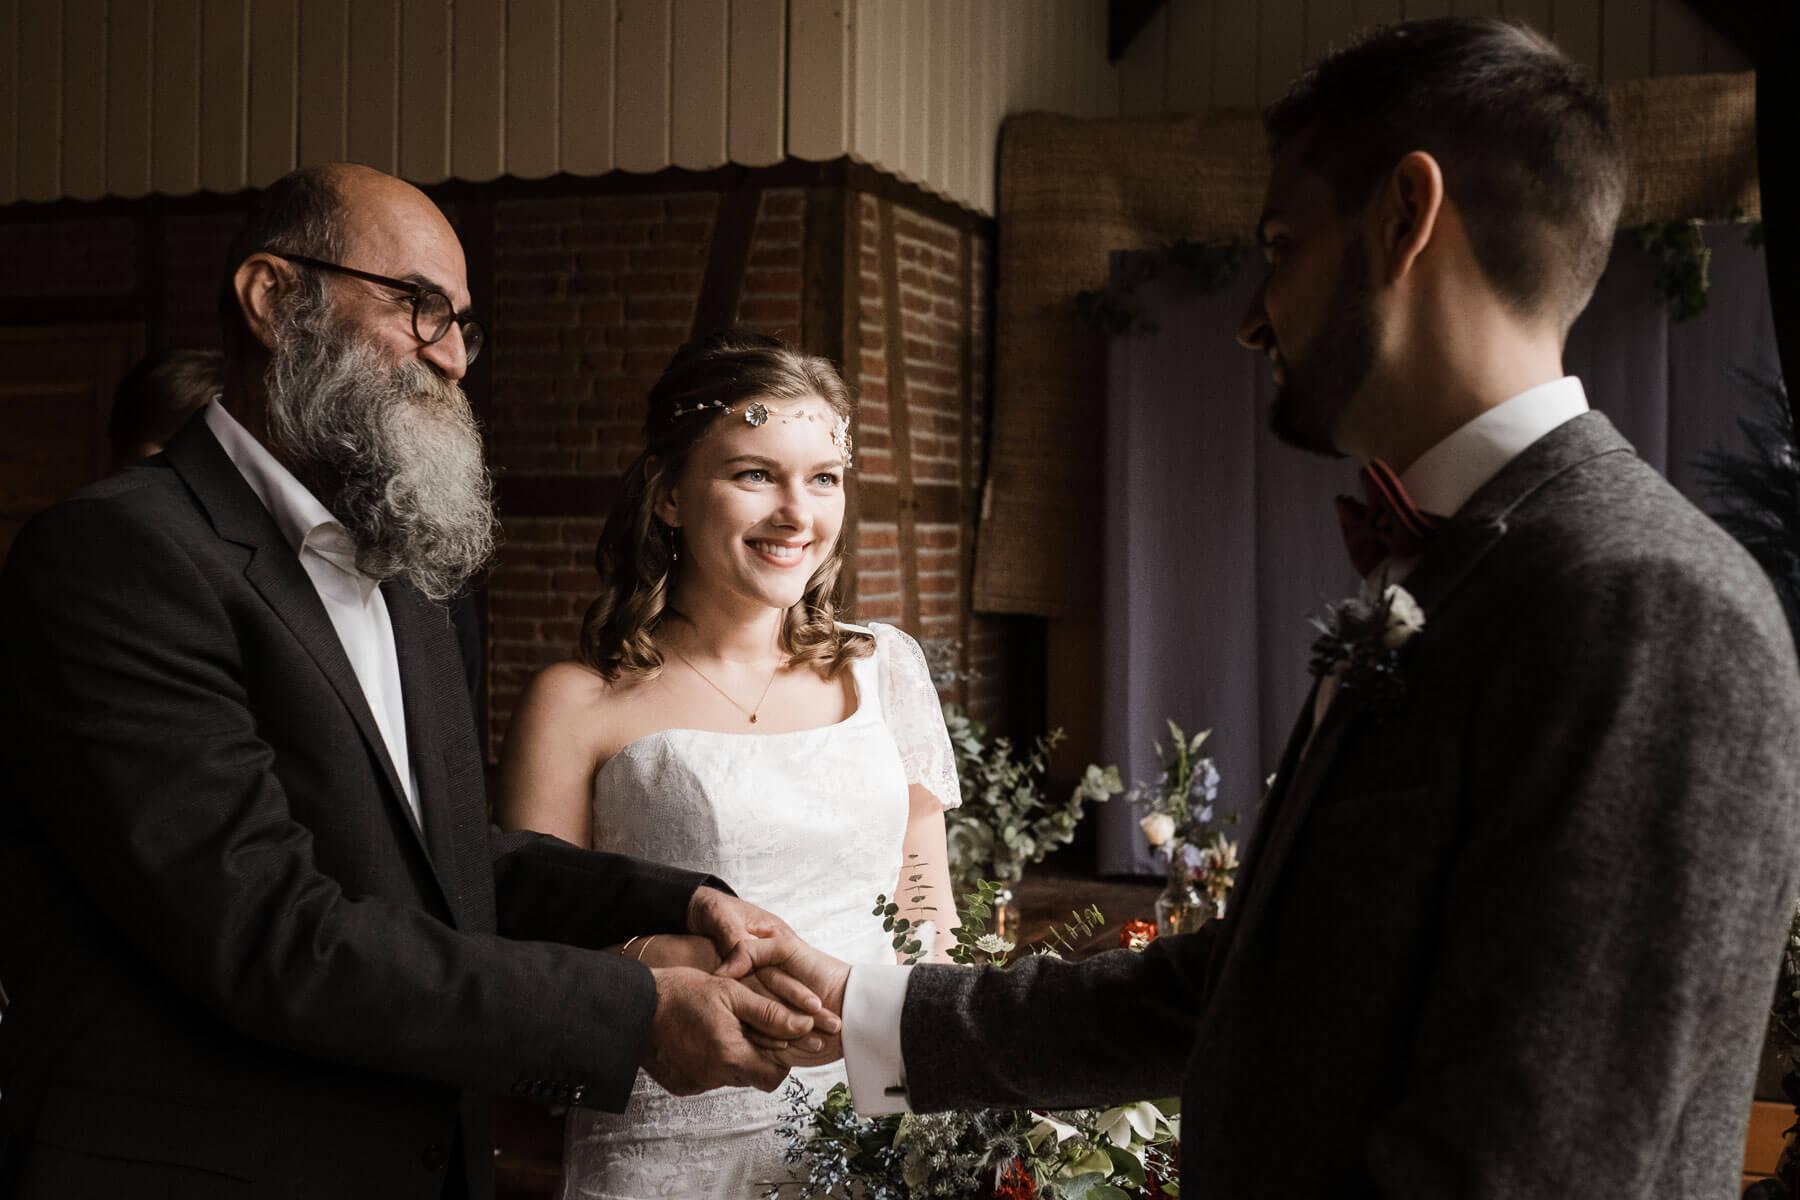 der Brautvater bringt die Braut zu dem Bräutigam, er legt die Hand des Bräutigam auf die Hand der Braut, sie stehen in einem Zimmer mit Fachwerk in einem Landhaus